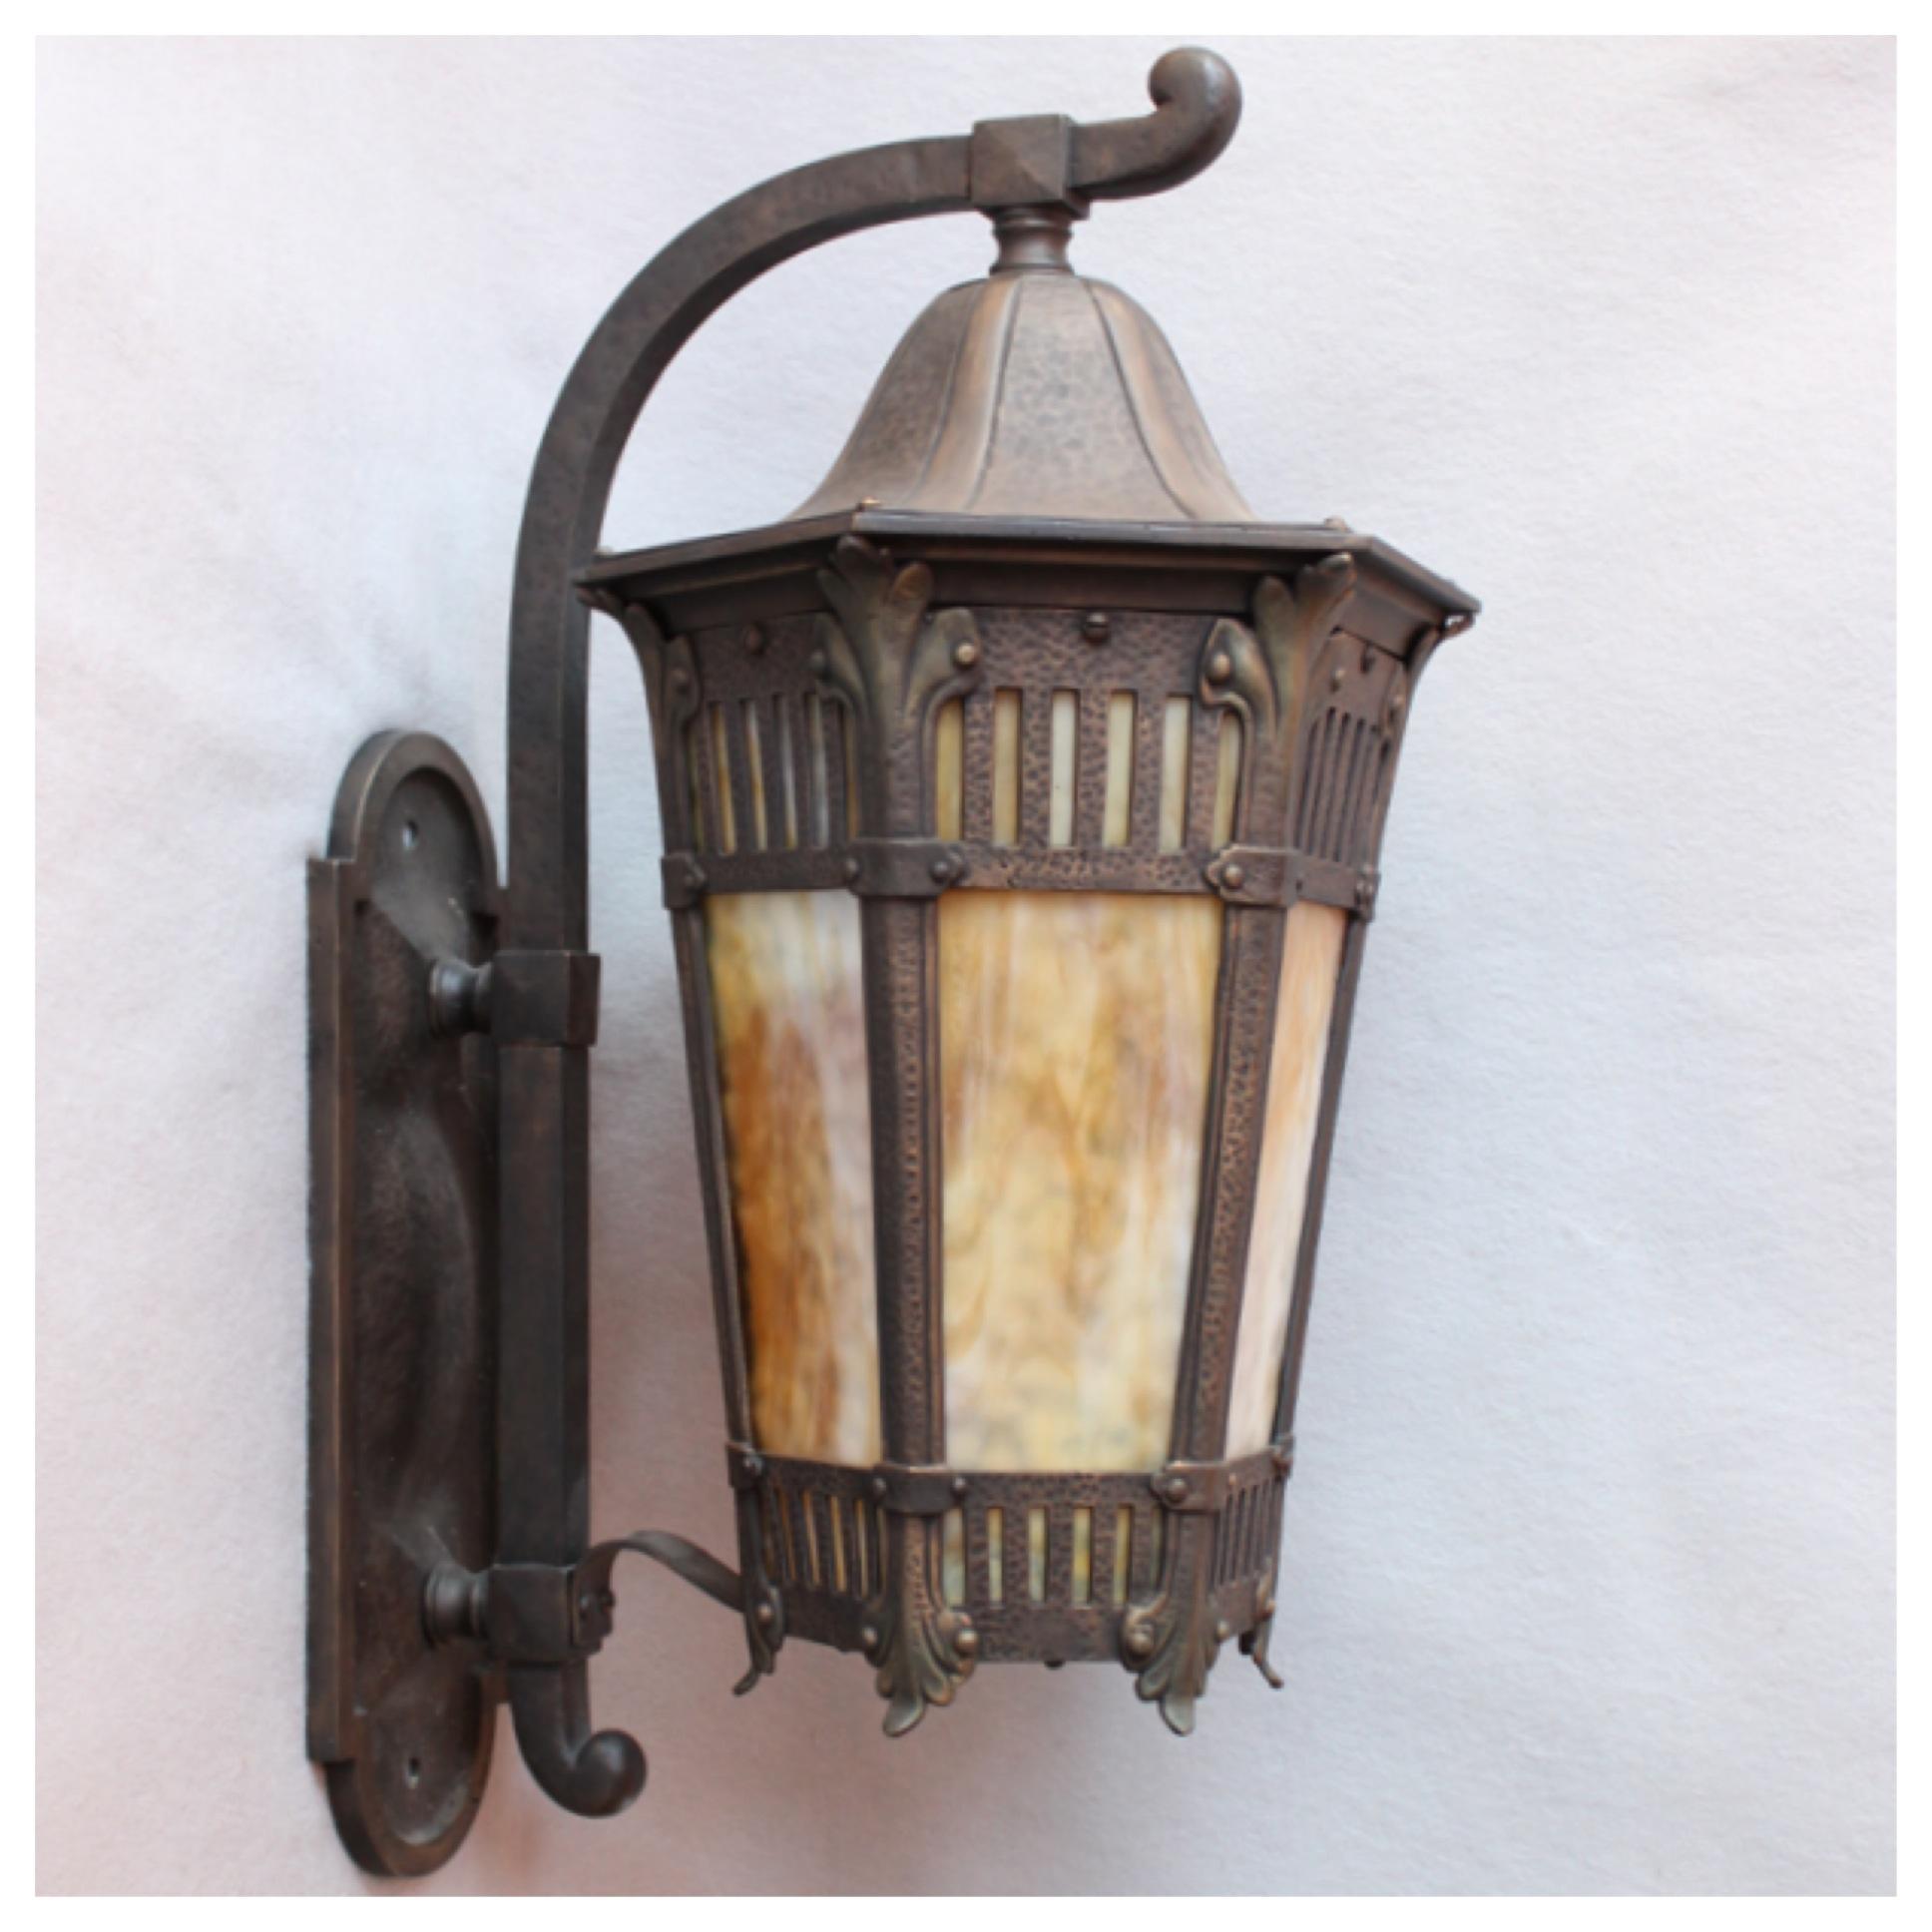 A7248 bronze porch wall lantern bogart bremmer for Art deco porch light